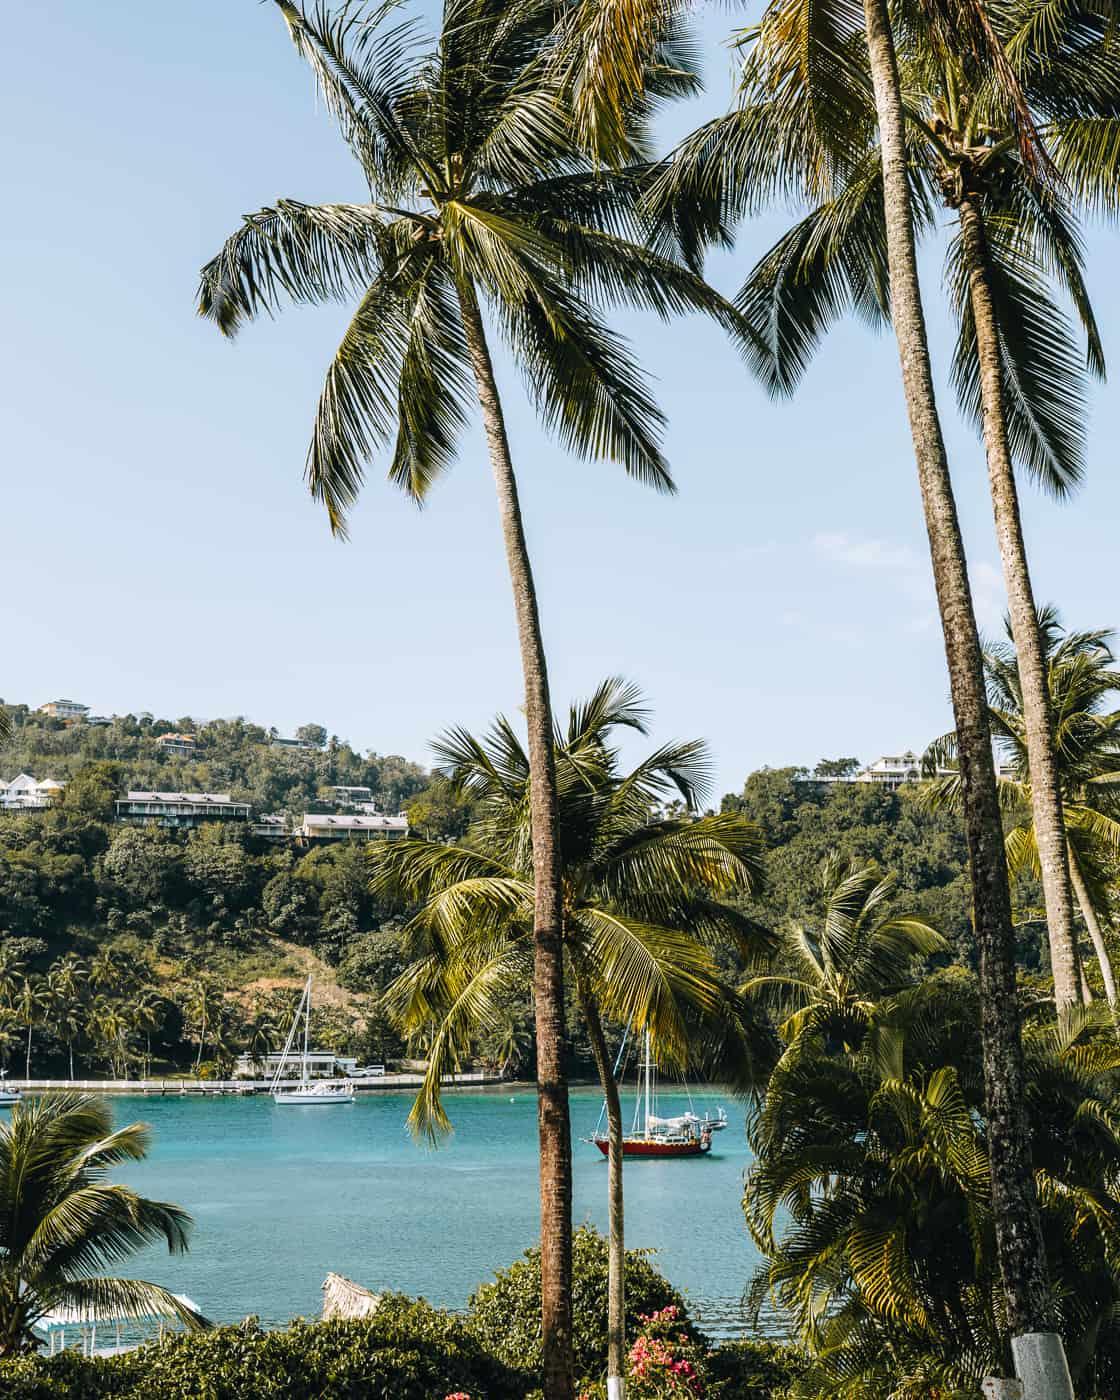 Saint Lucia - Tipps, Sehenswürdigkeiten, Strände & Ausflugsziele auf der Karibik-Insel: Marigot Bay